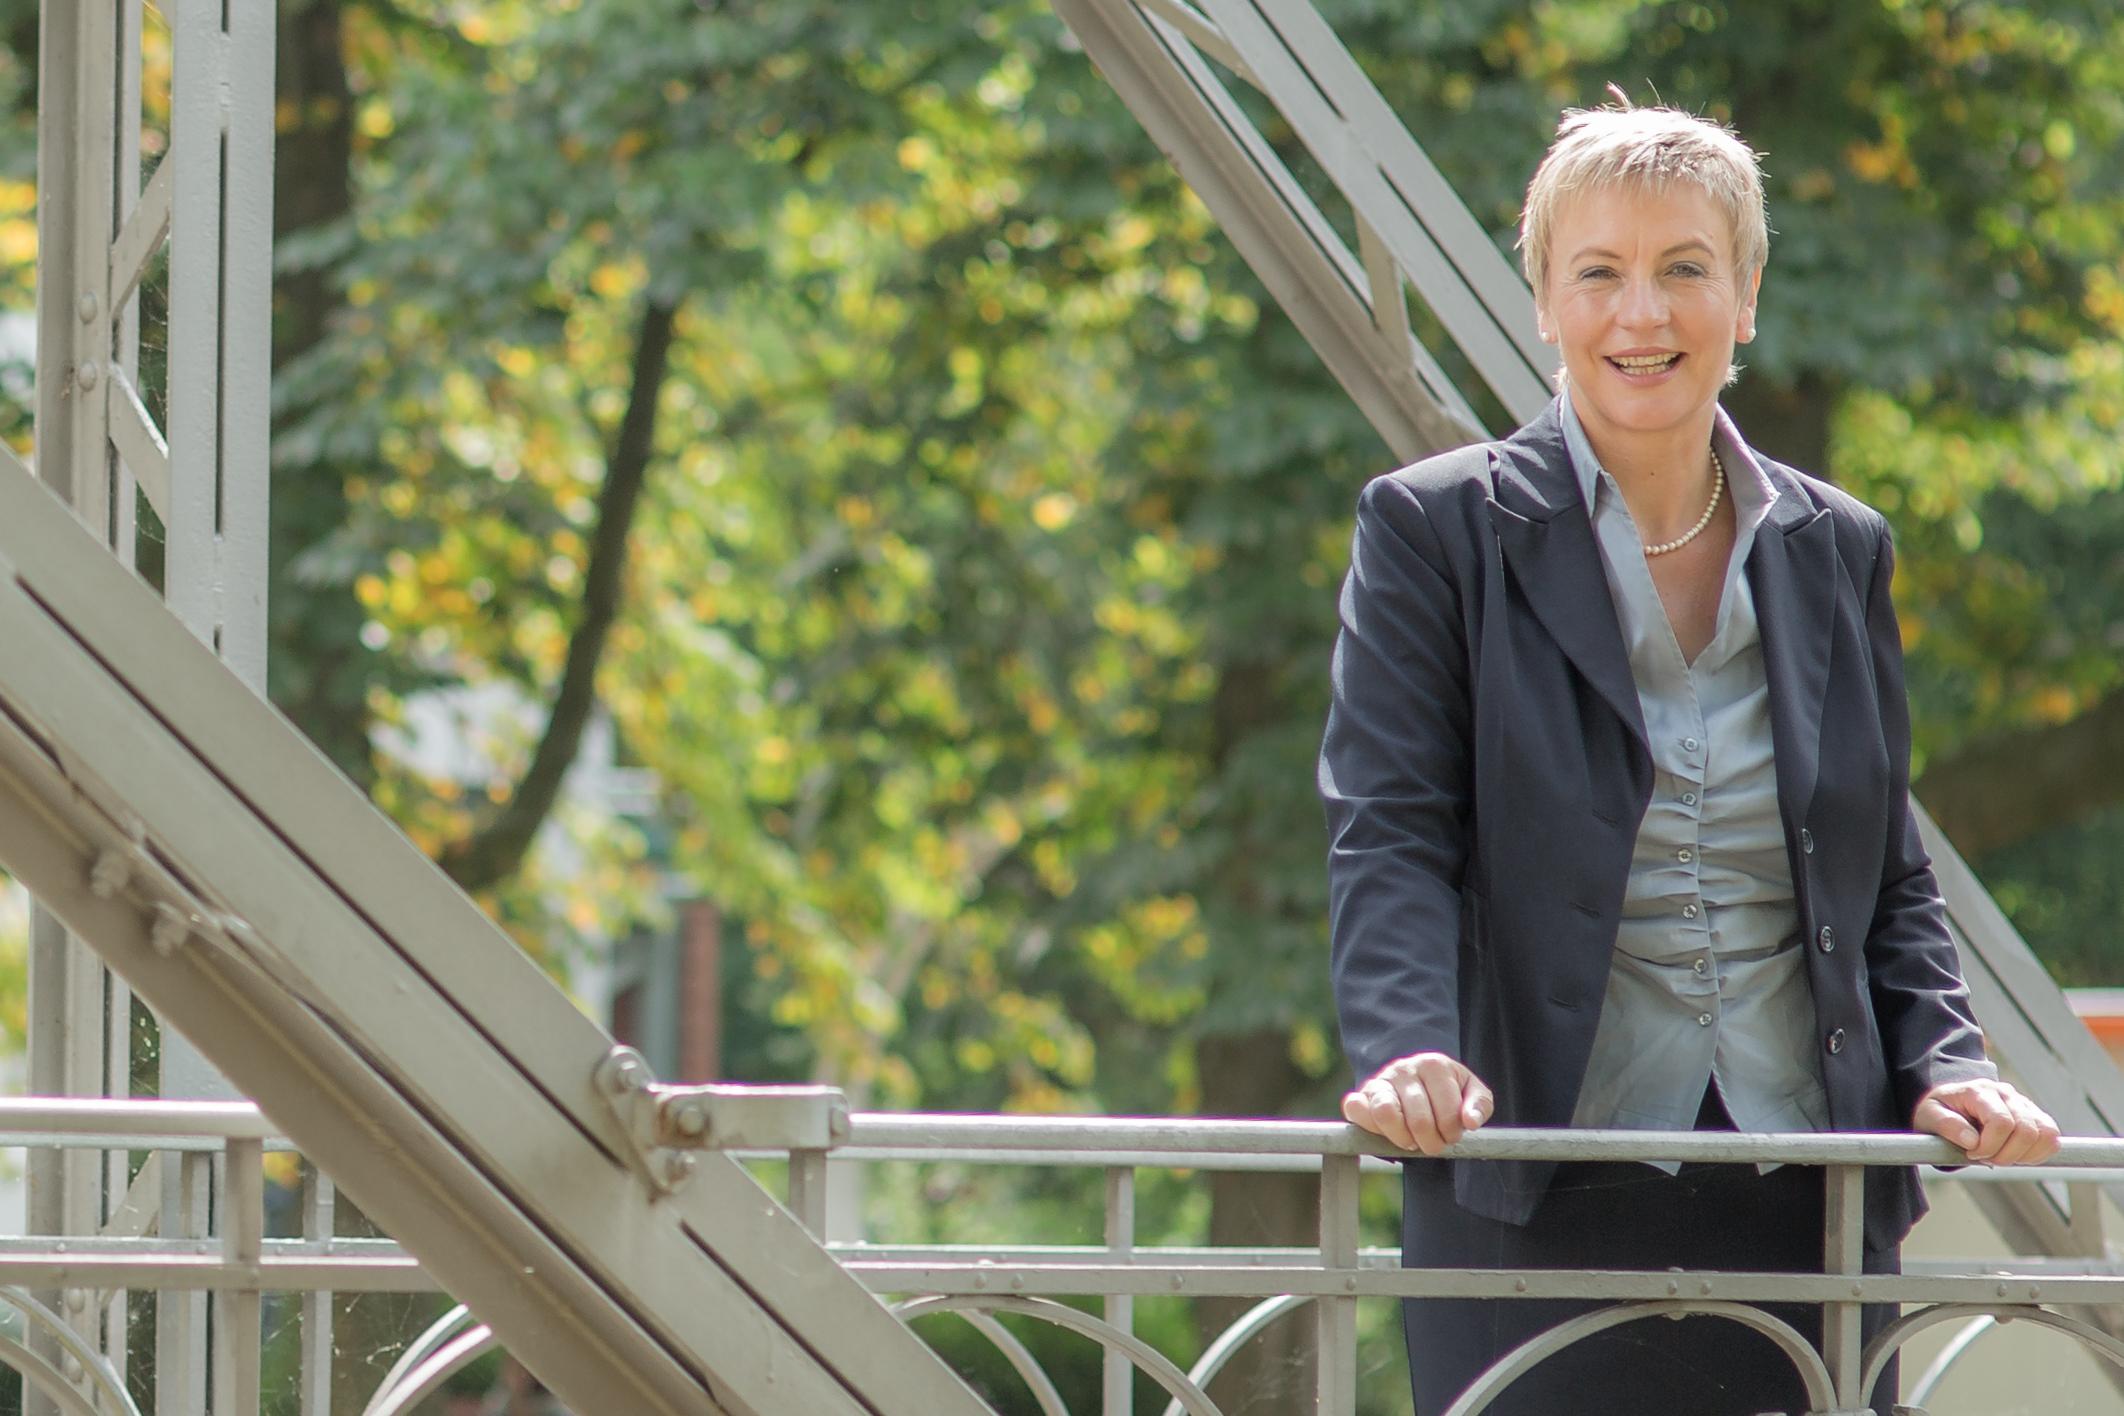 Business-Frau in Businesskleidung auf der Brücke